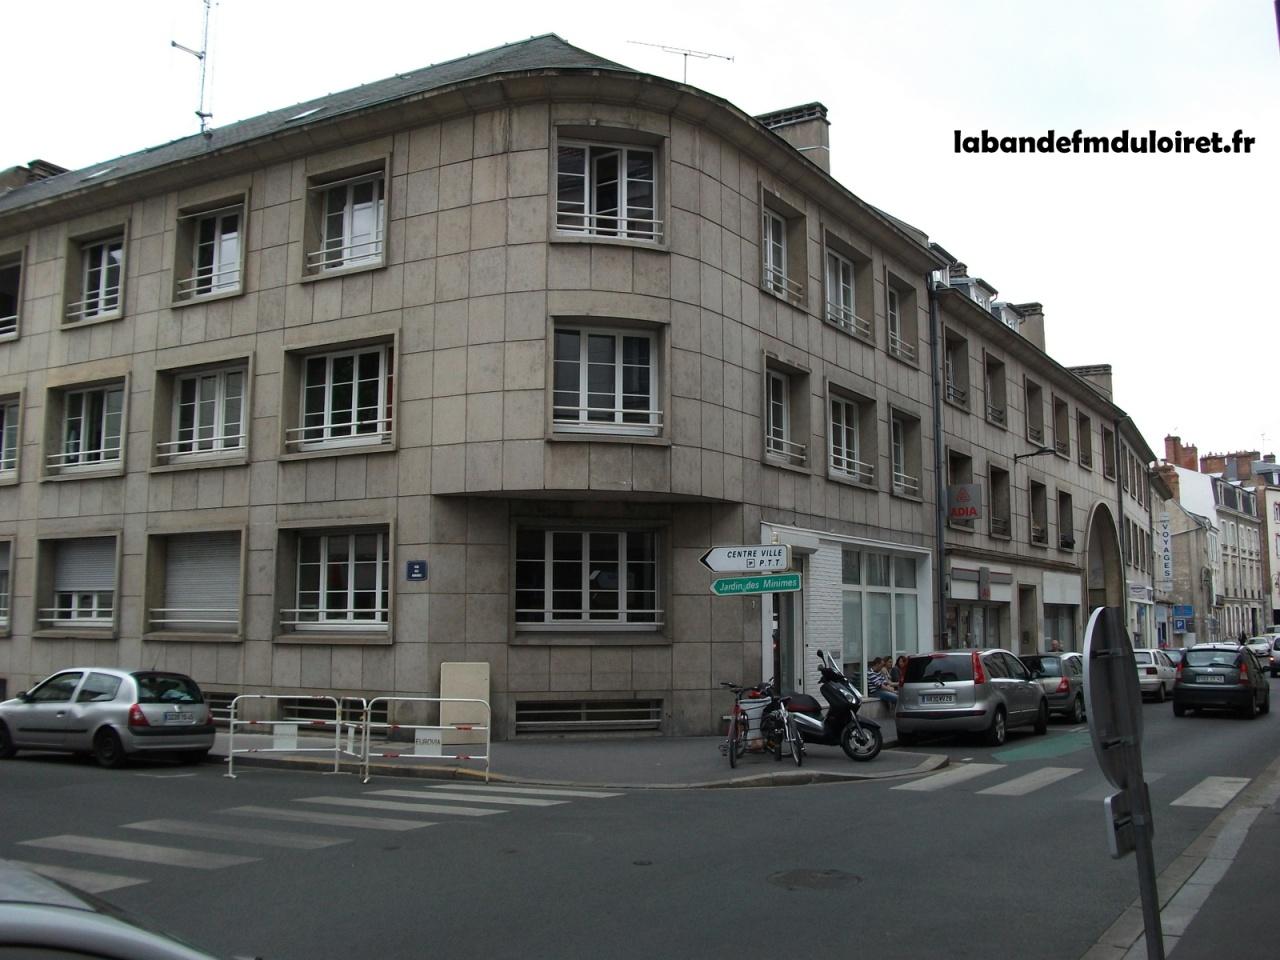 Les locaux,rue d'Illiers à Orléans